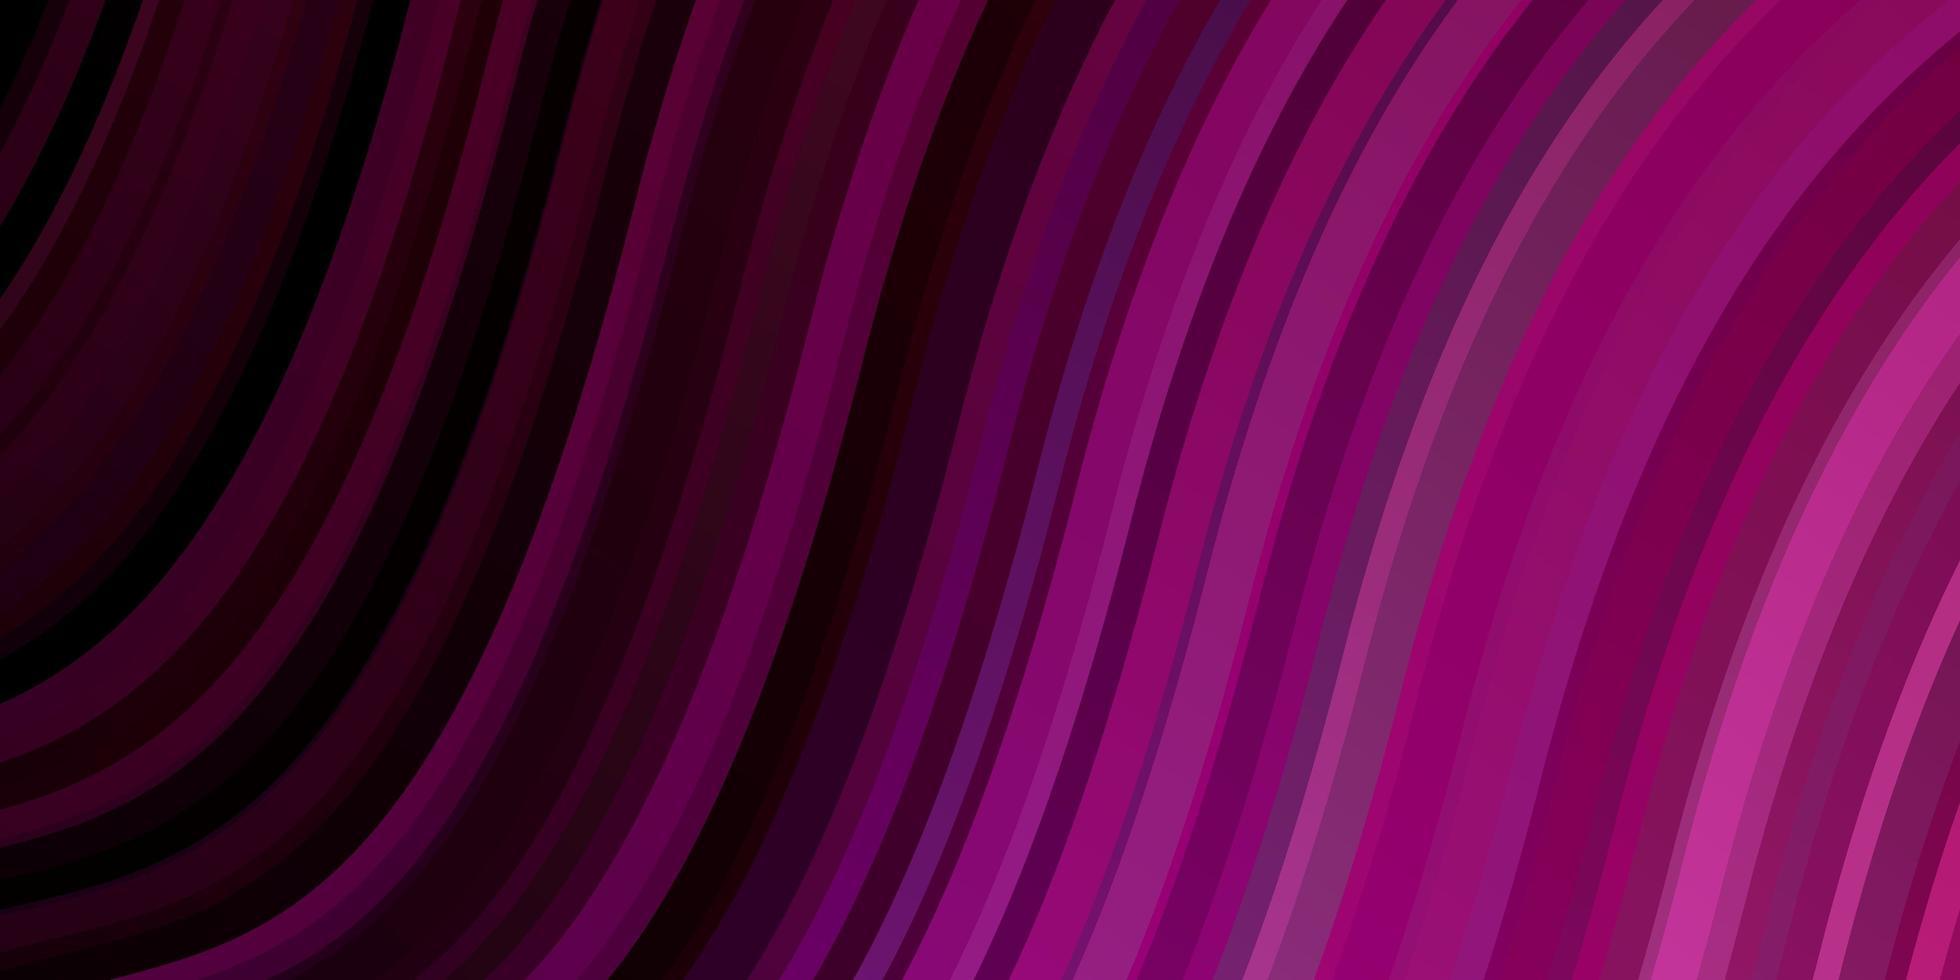 mörk lila, rosa vektor bakgrund med sneda linjer.